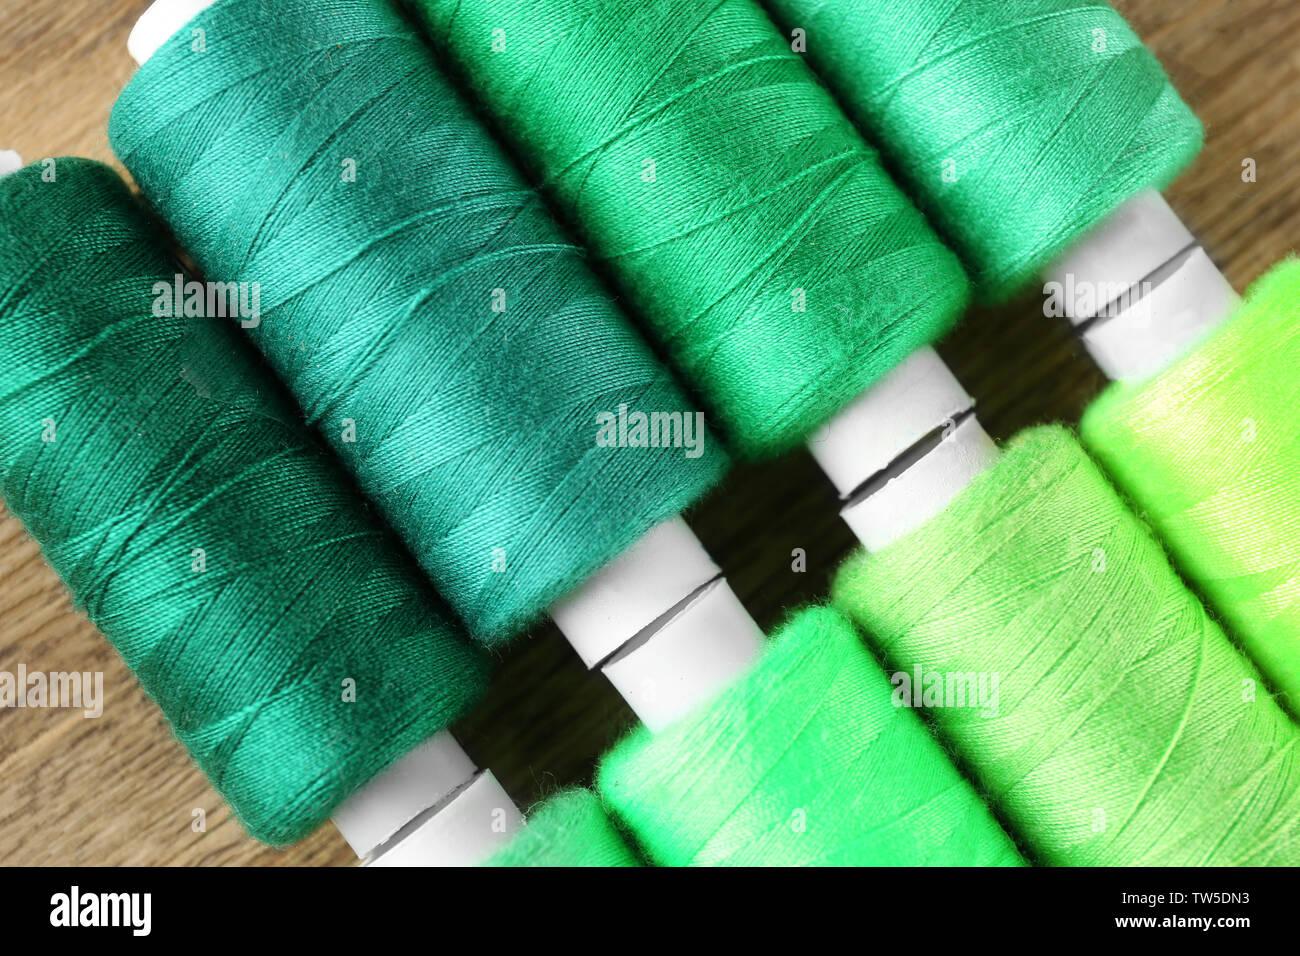 Muchos Hilos De Diferentes Tonos Verdes Closeup Foto